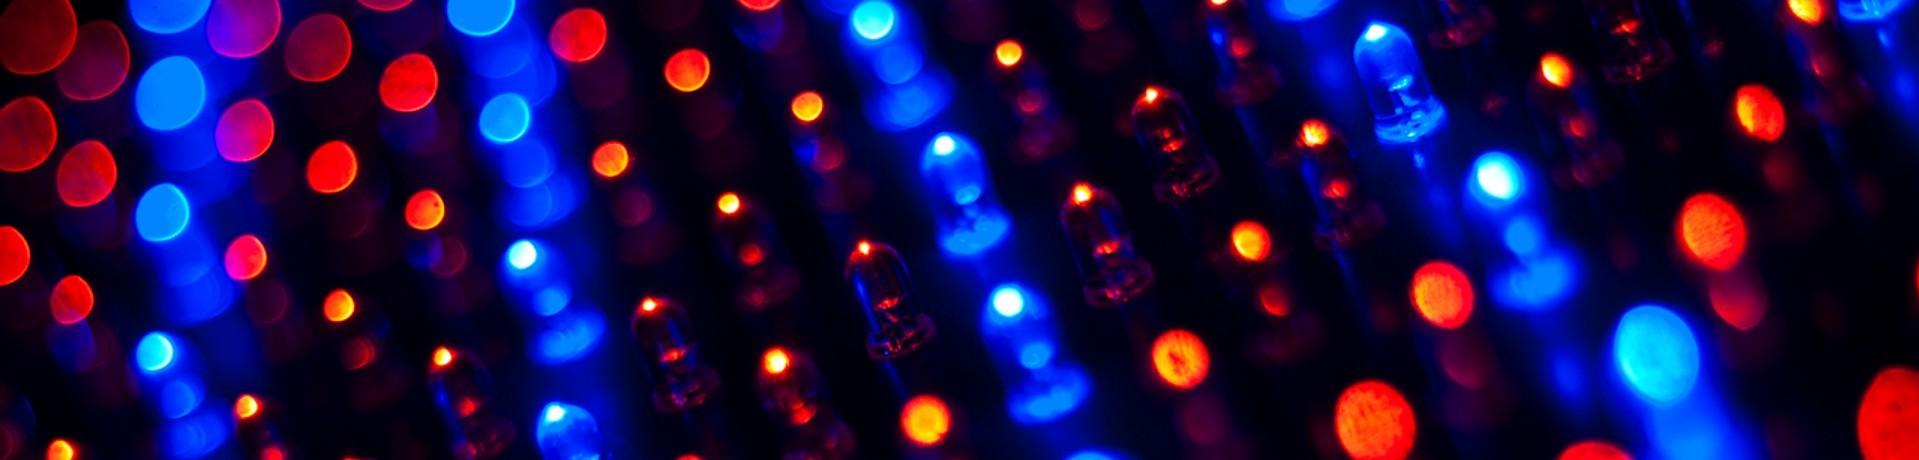 Le LiFi permet de se connecter sans fil à Internet comme le WiFi mais au lieu de passer par les ondes électromagnétiques, les données transitent par la lumière